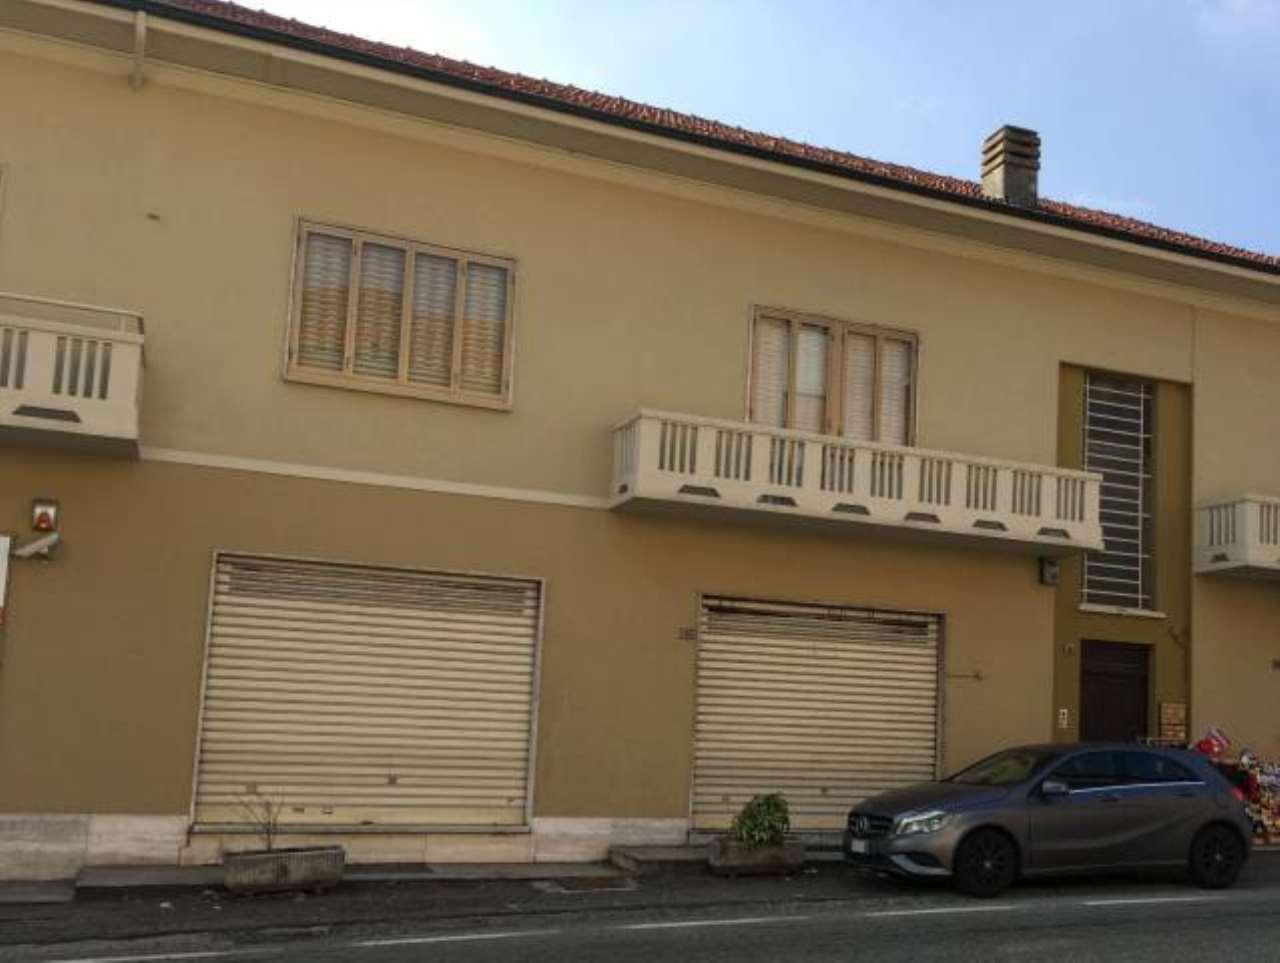 Negozio / Locale in vendita a Balangero, 3 locali, prezzo € 158.000 | CambioCasa.it